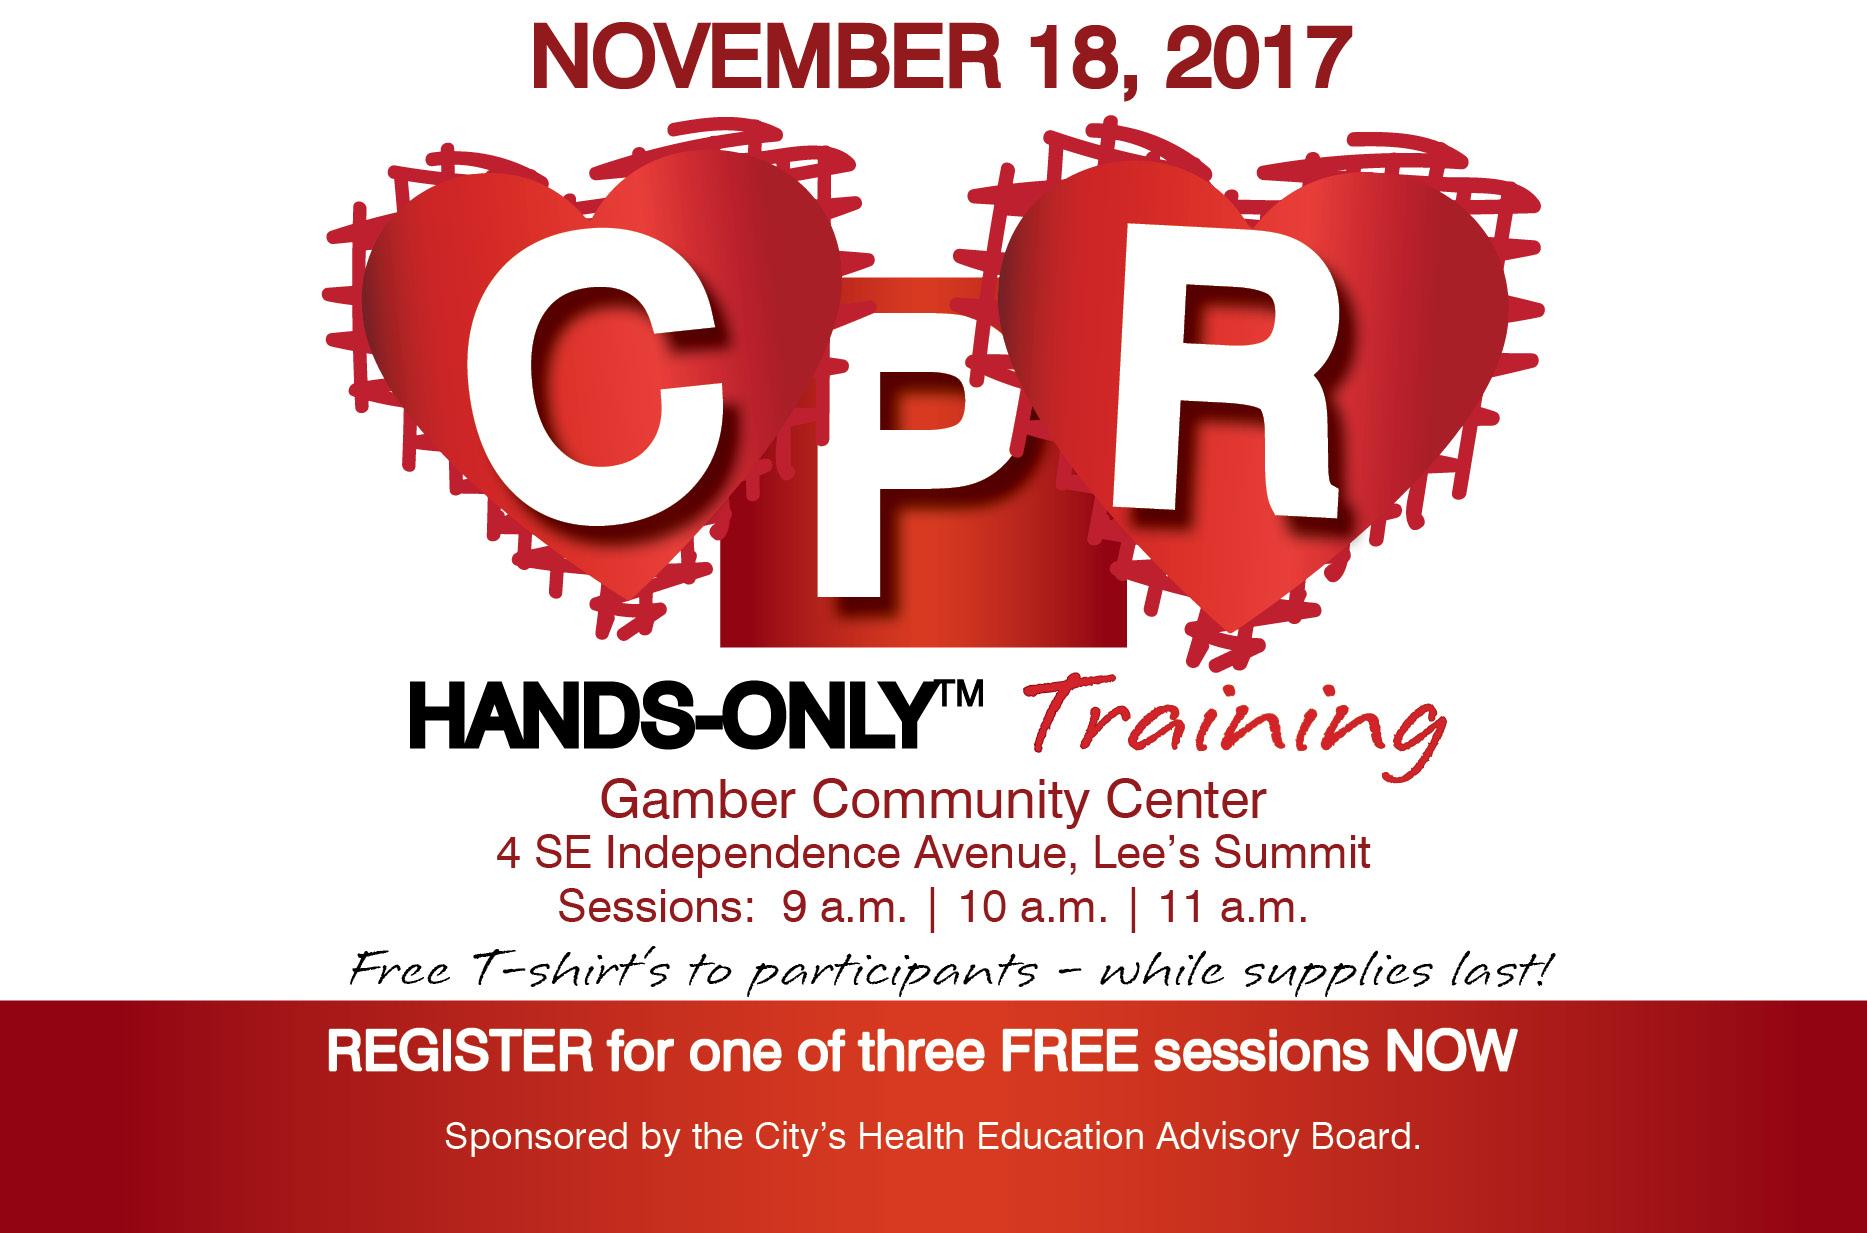 CPR 448x296 Web.jpg